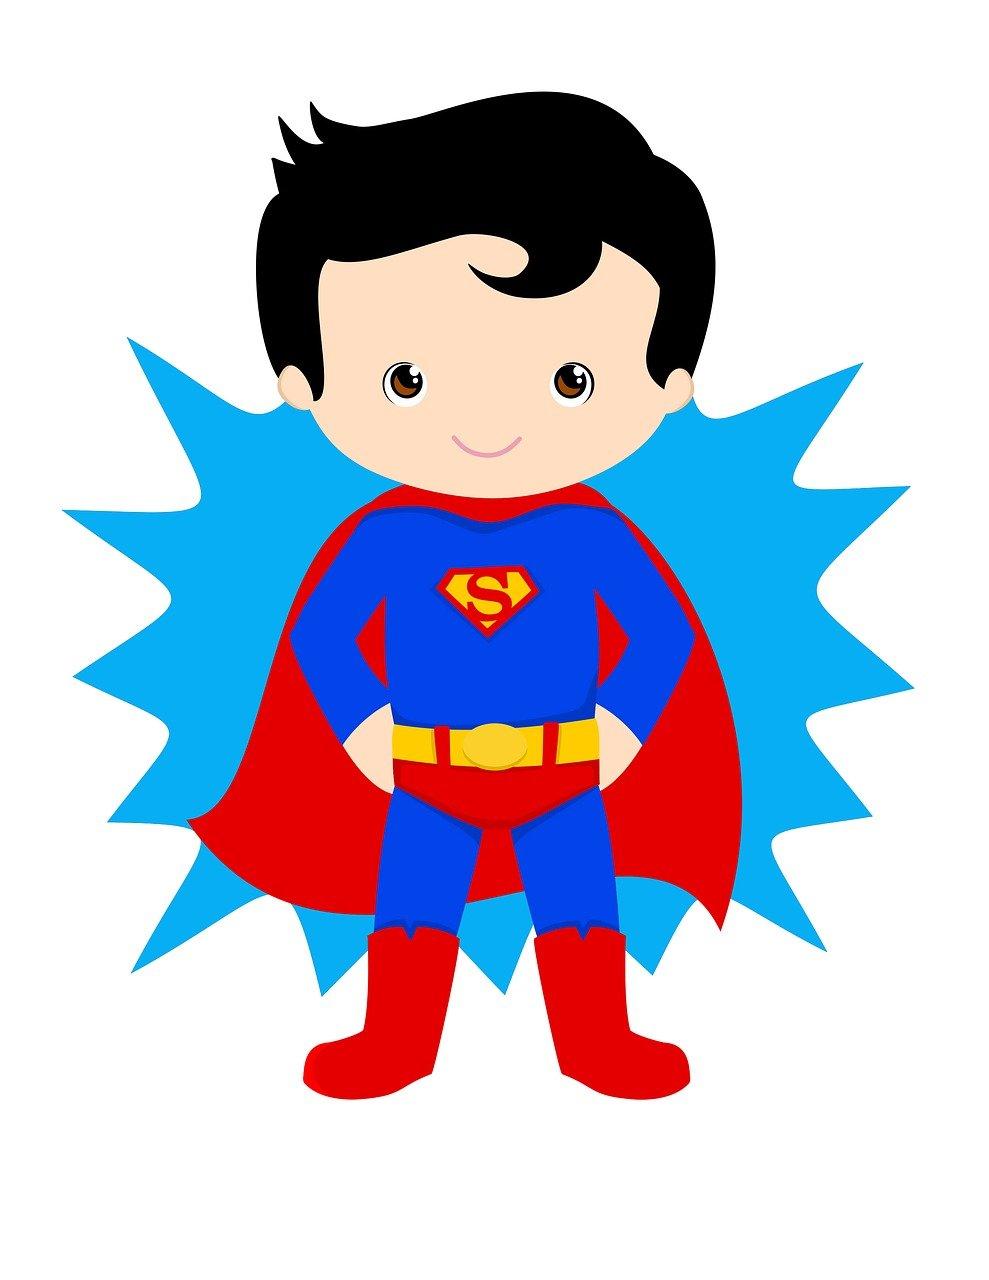 superman, kid hero, superhero